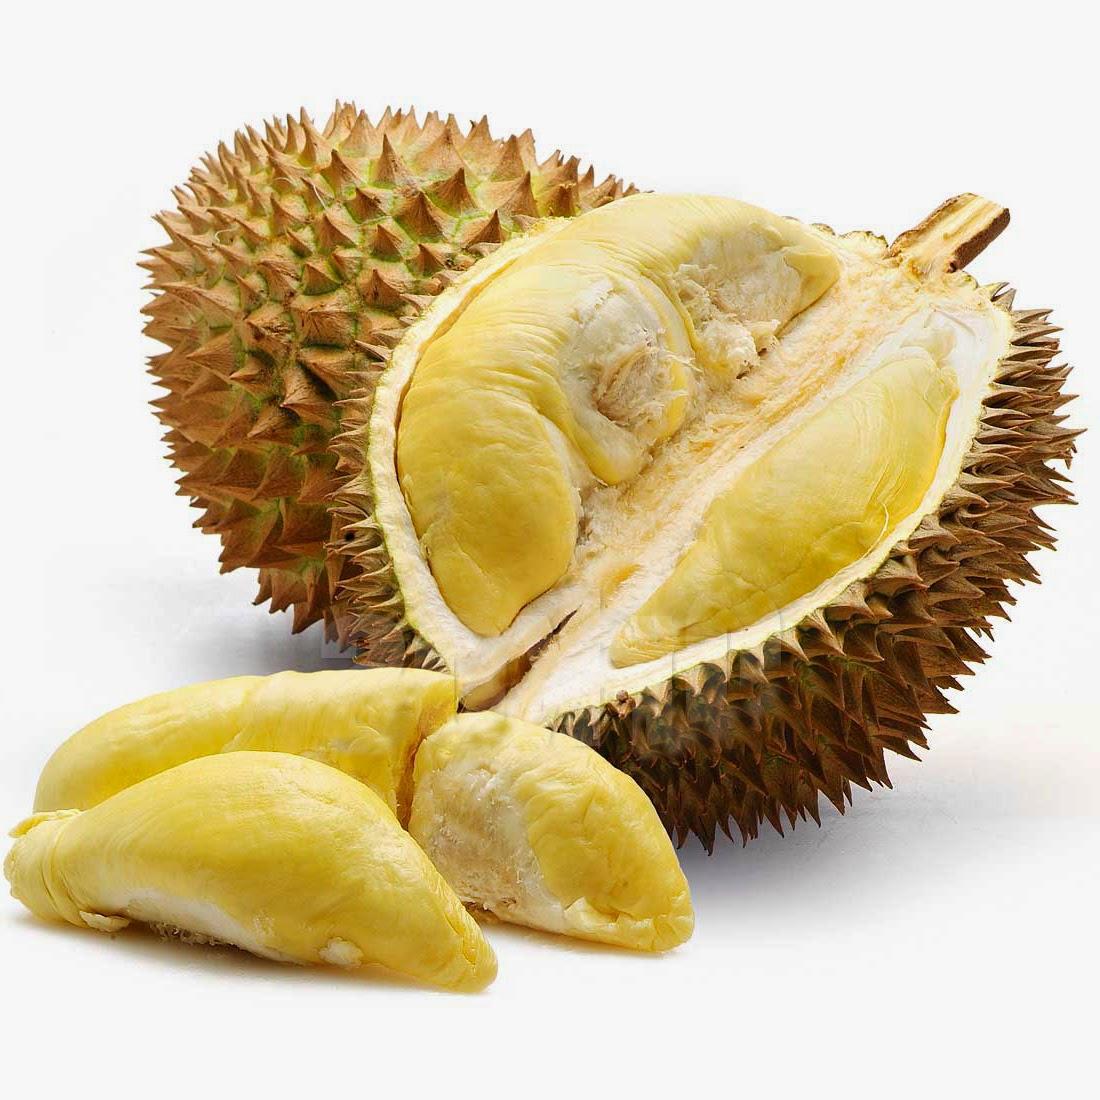 Manfaat Dan Fungsi Durian Untuk Kesehatan